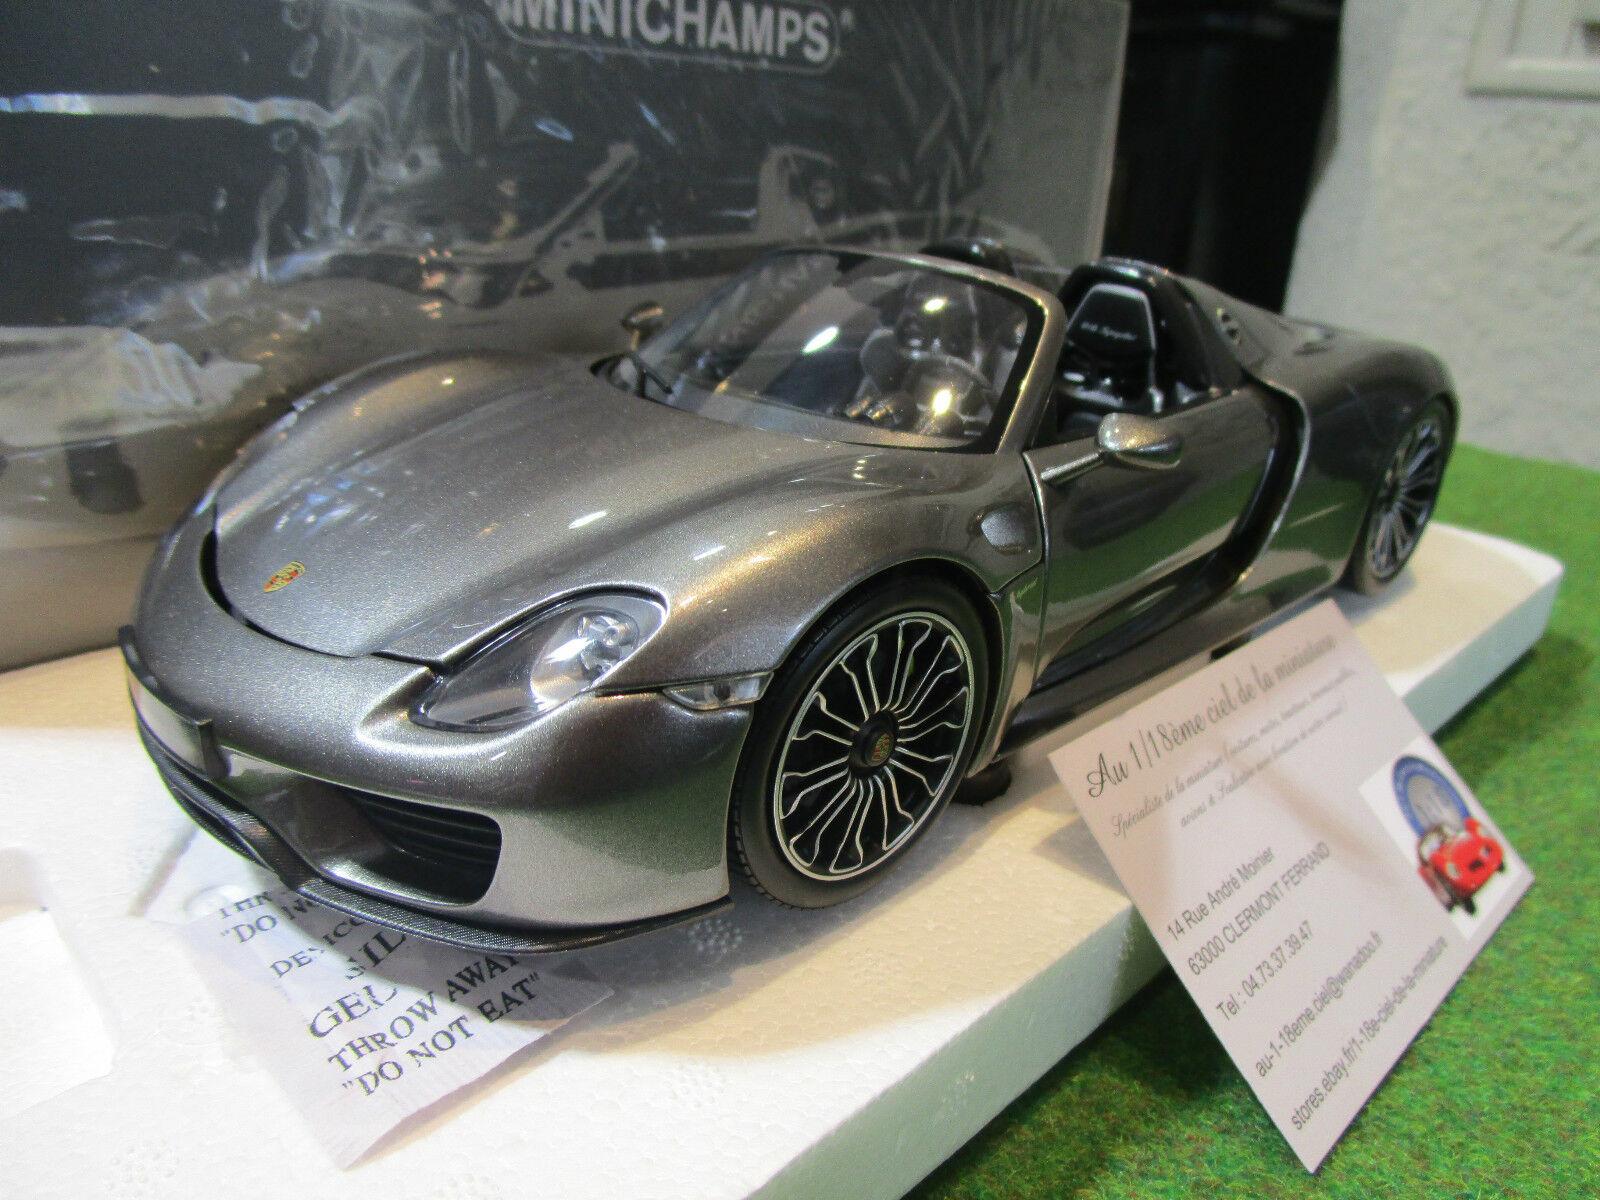 los clientes primero PORSCHE 918 SPYDER 2013 1 18 MINICHAMPS 110062430 110062430 110062430 voiture miniature d collection  promociones de descuento